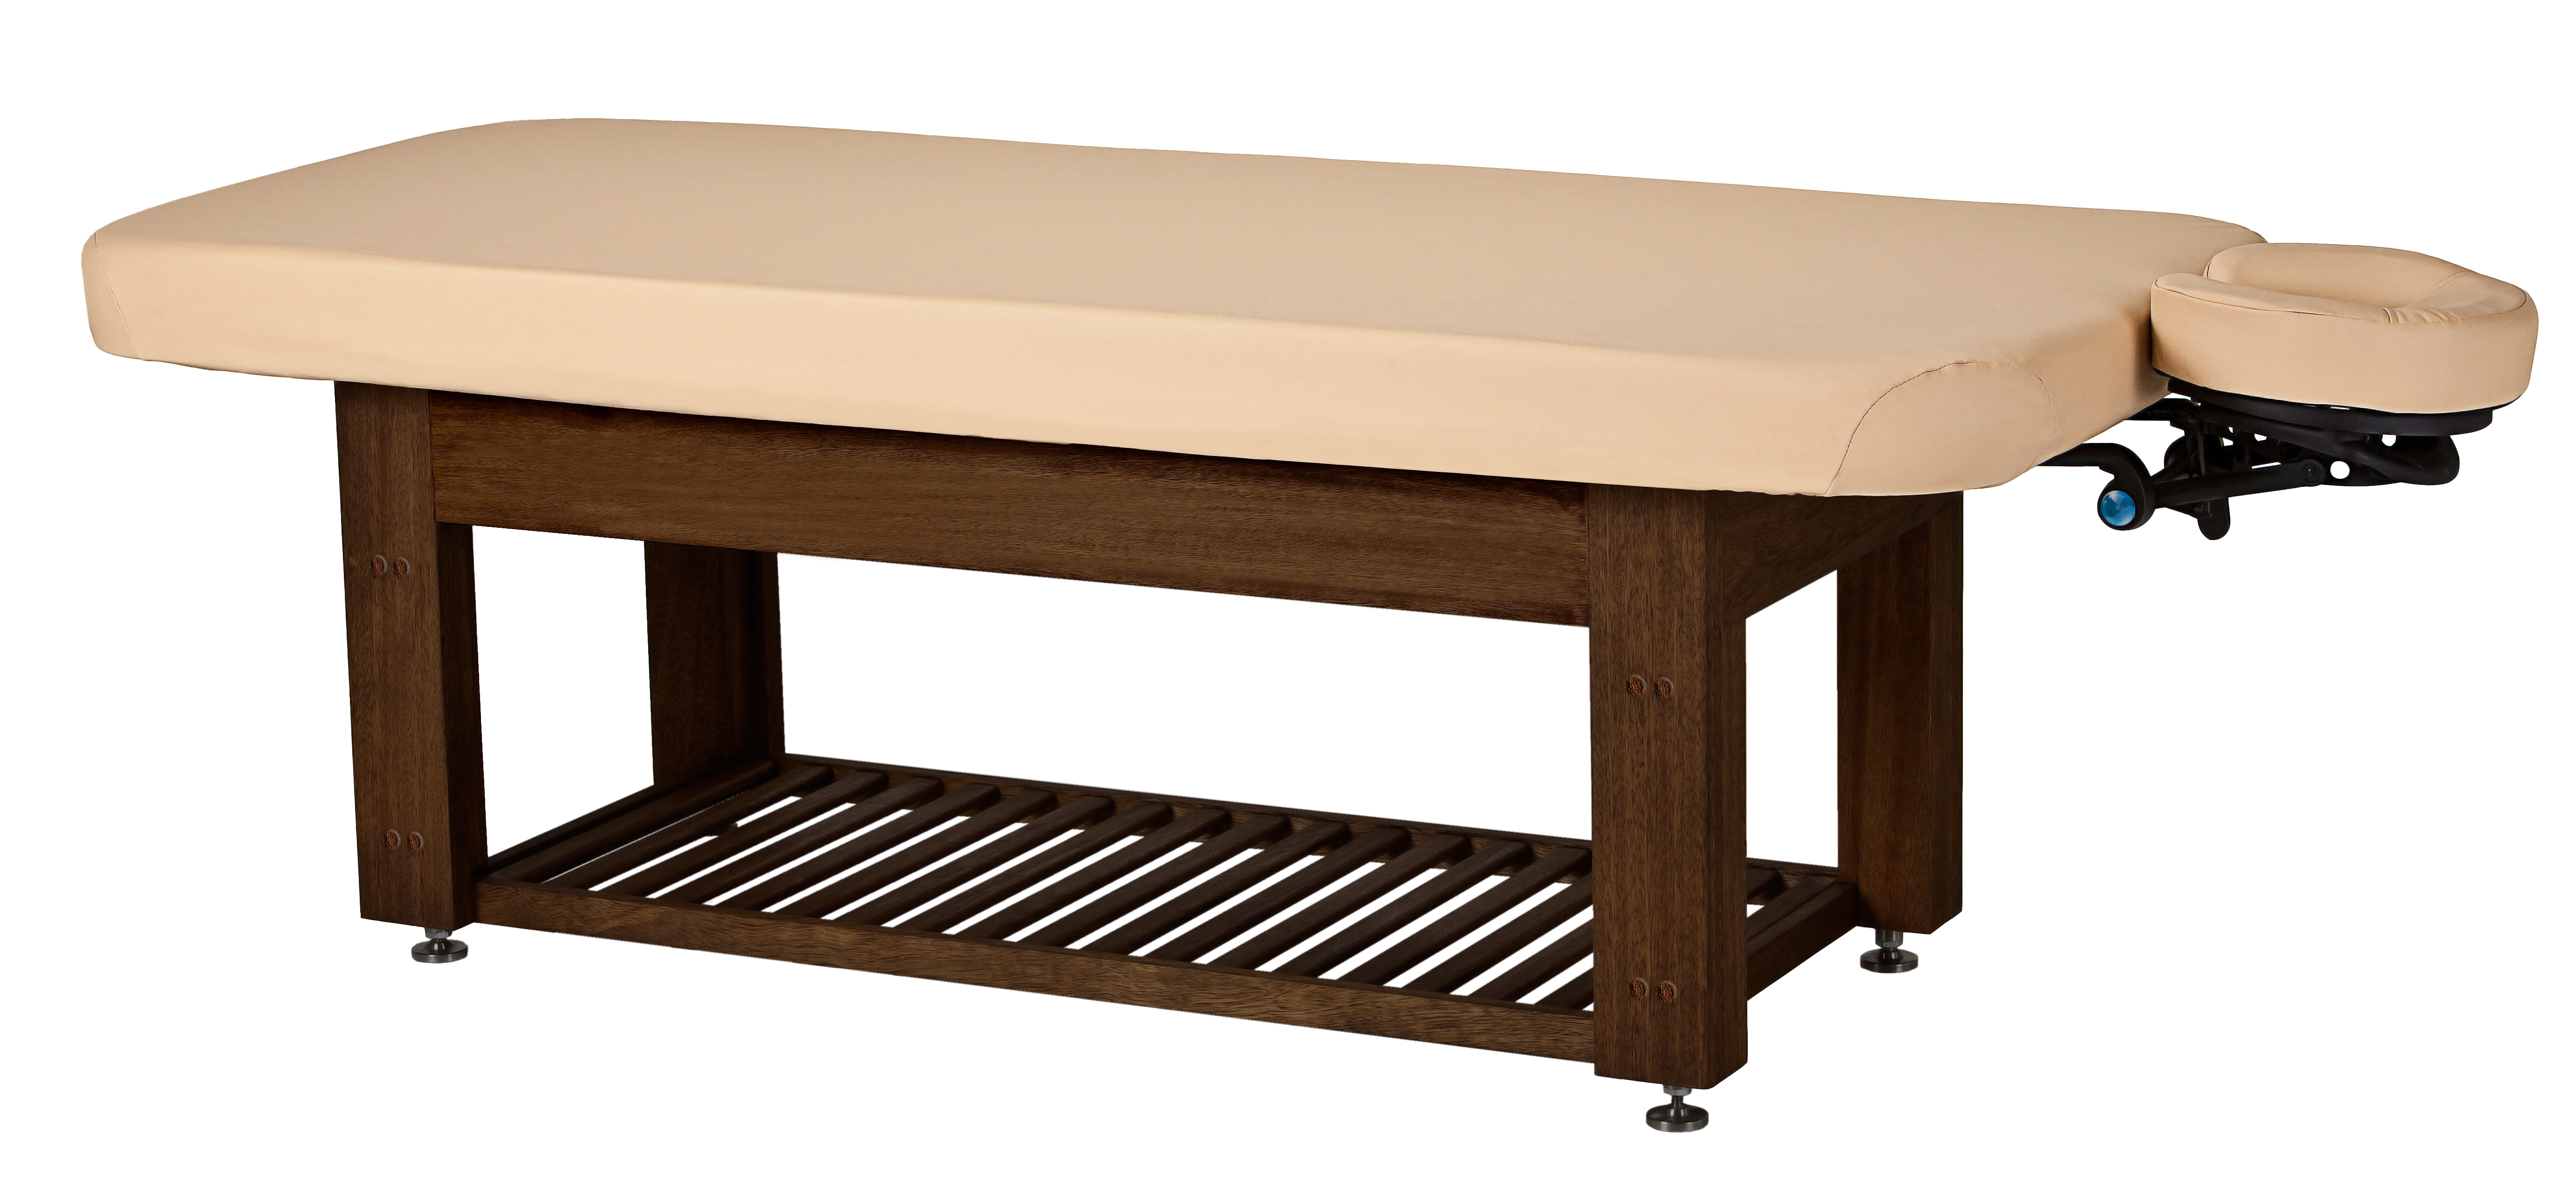 Oakworks Portable Massage Table Napa La Mer Spa and Salon Table Teak Base | Living Earth Crafts